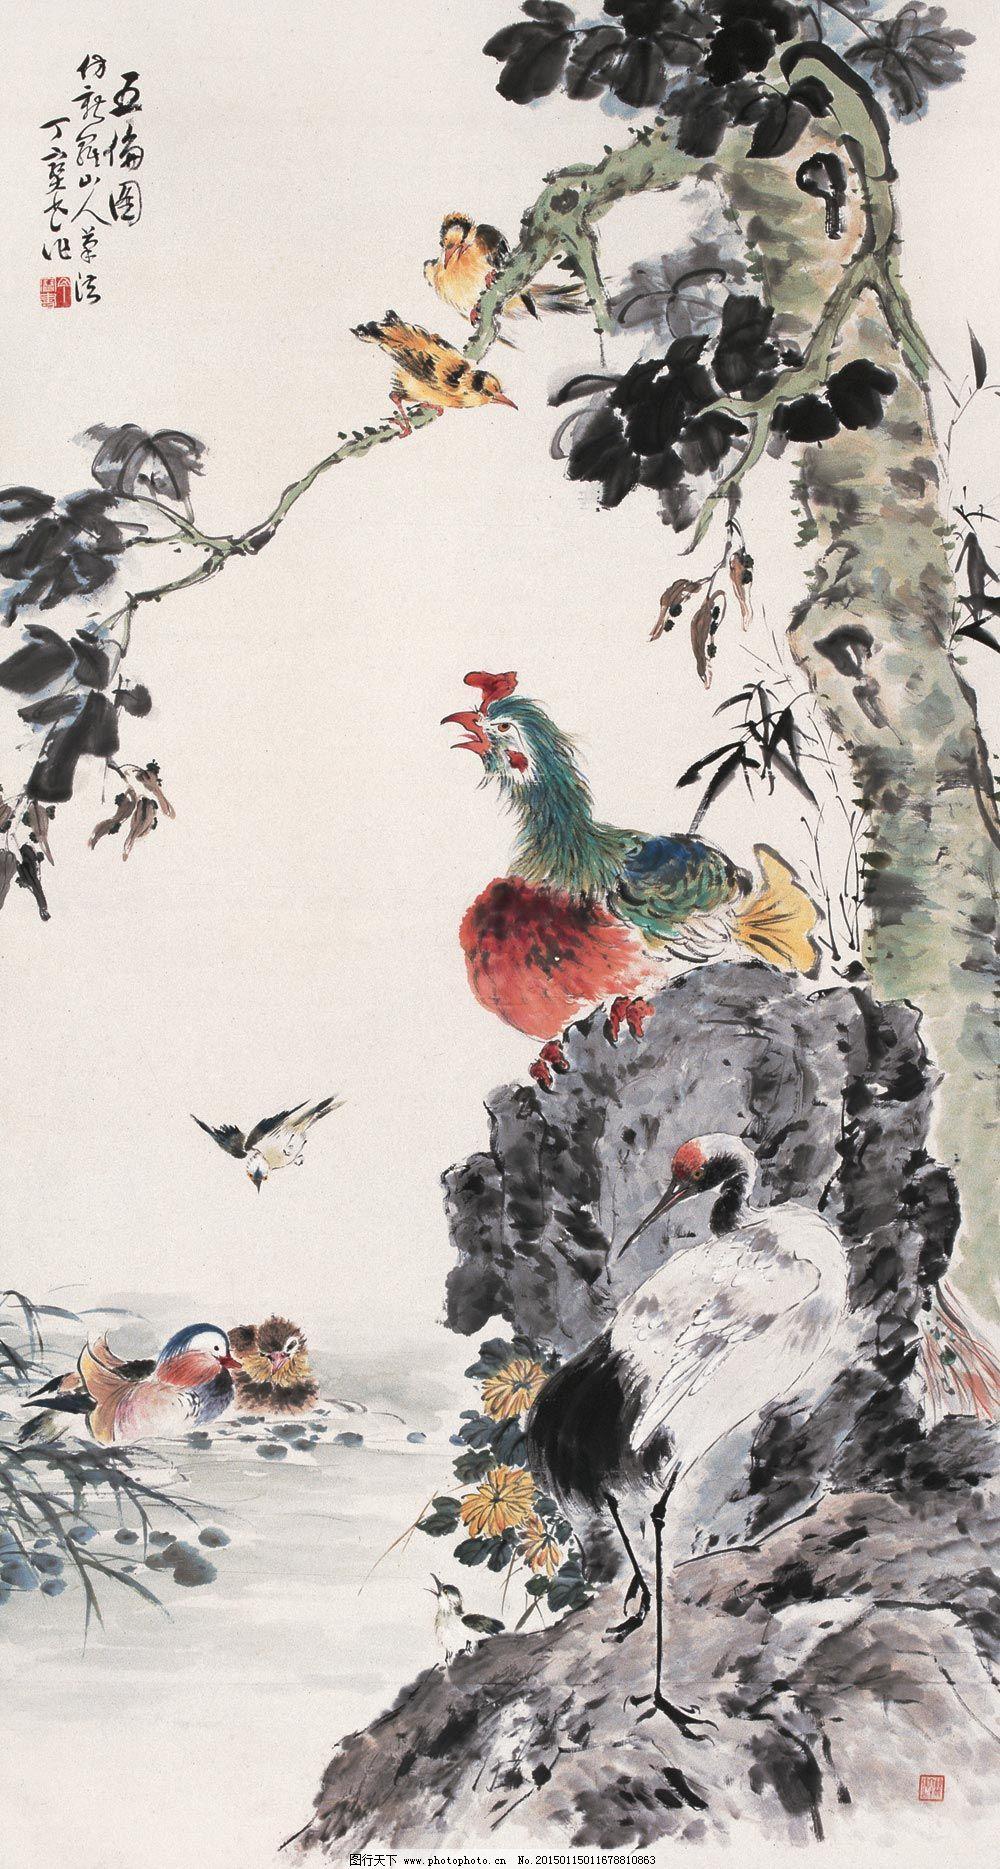 中国画 中国画 立轴 工笔花鸟画 凤凰 仙鹤 鸳鸯 鹡鸰 黄莺 丁宝书